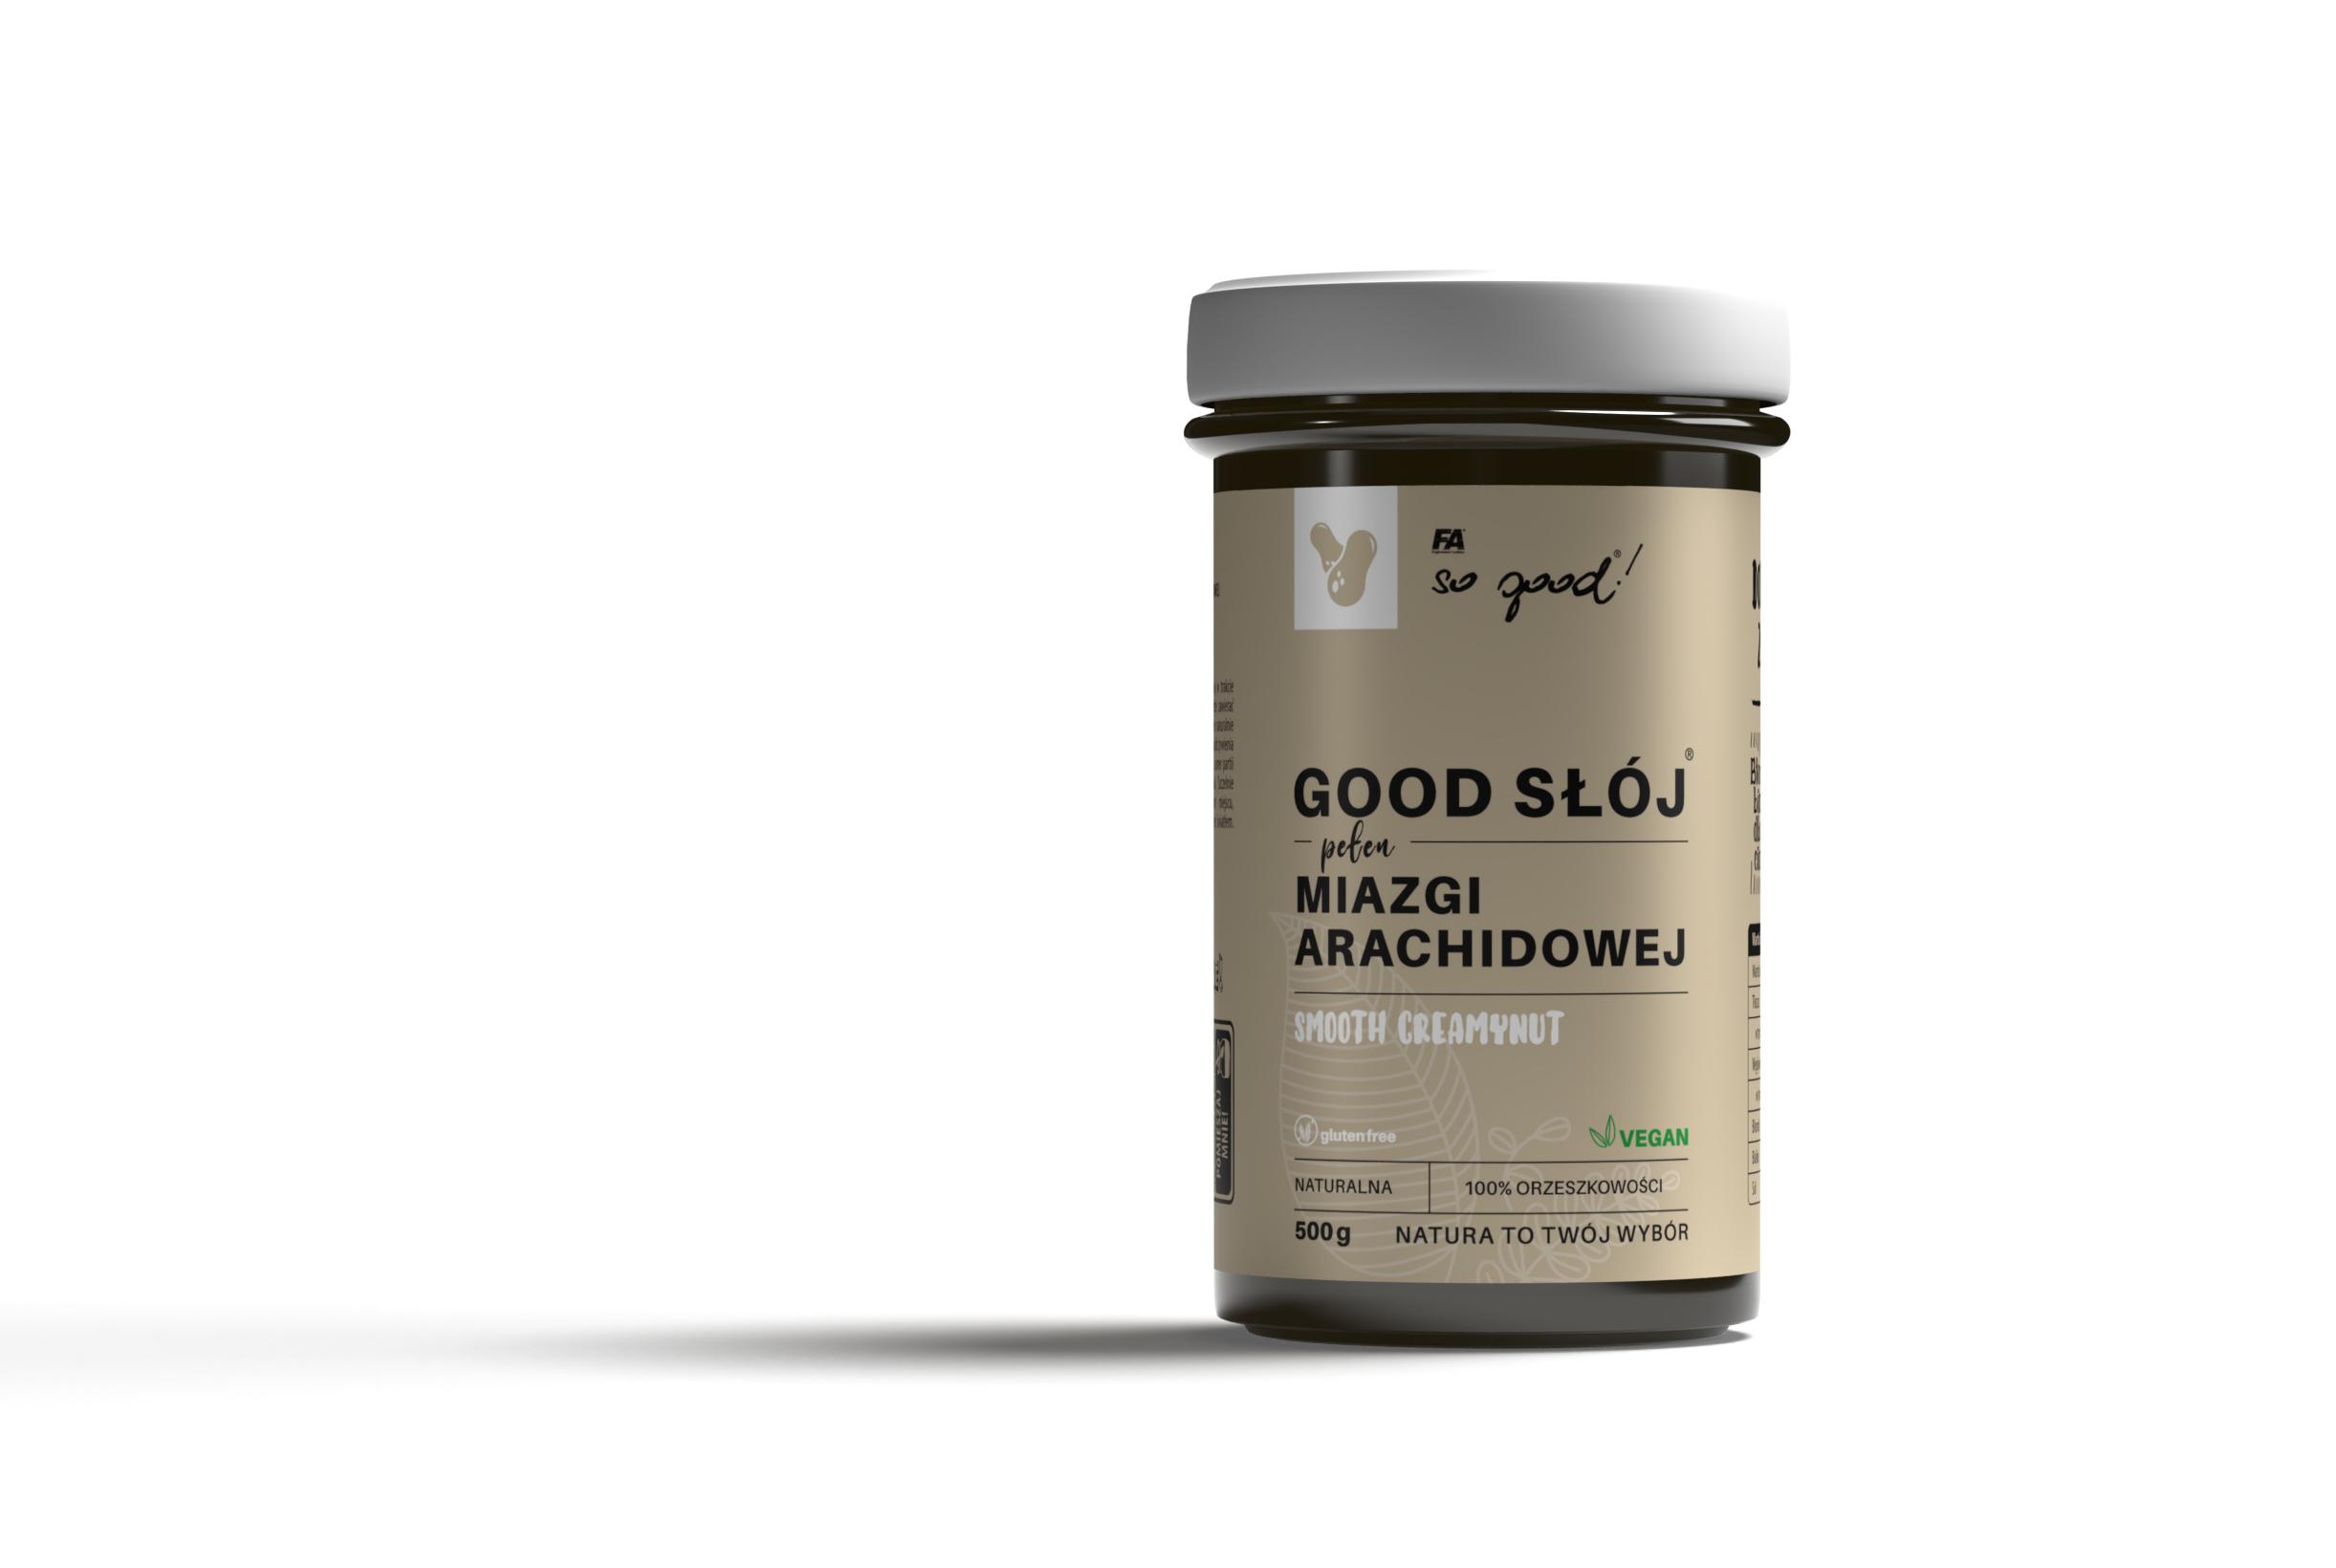 SG Good Slój miazgi arachidowej Smooth – tył